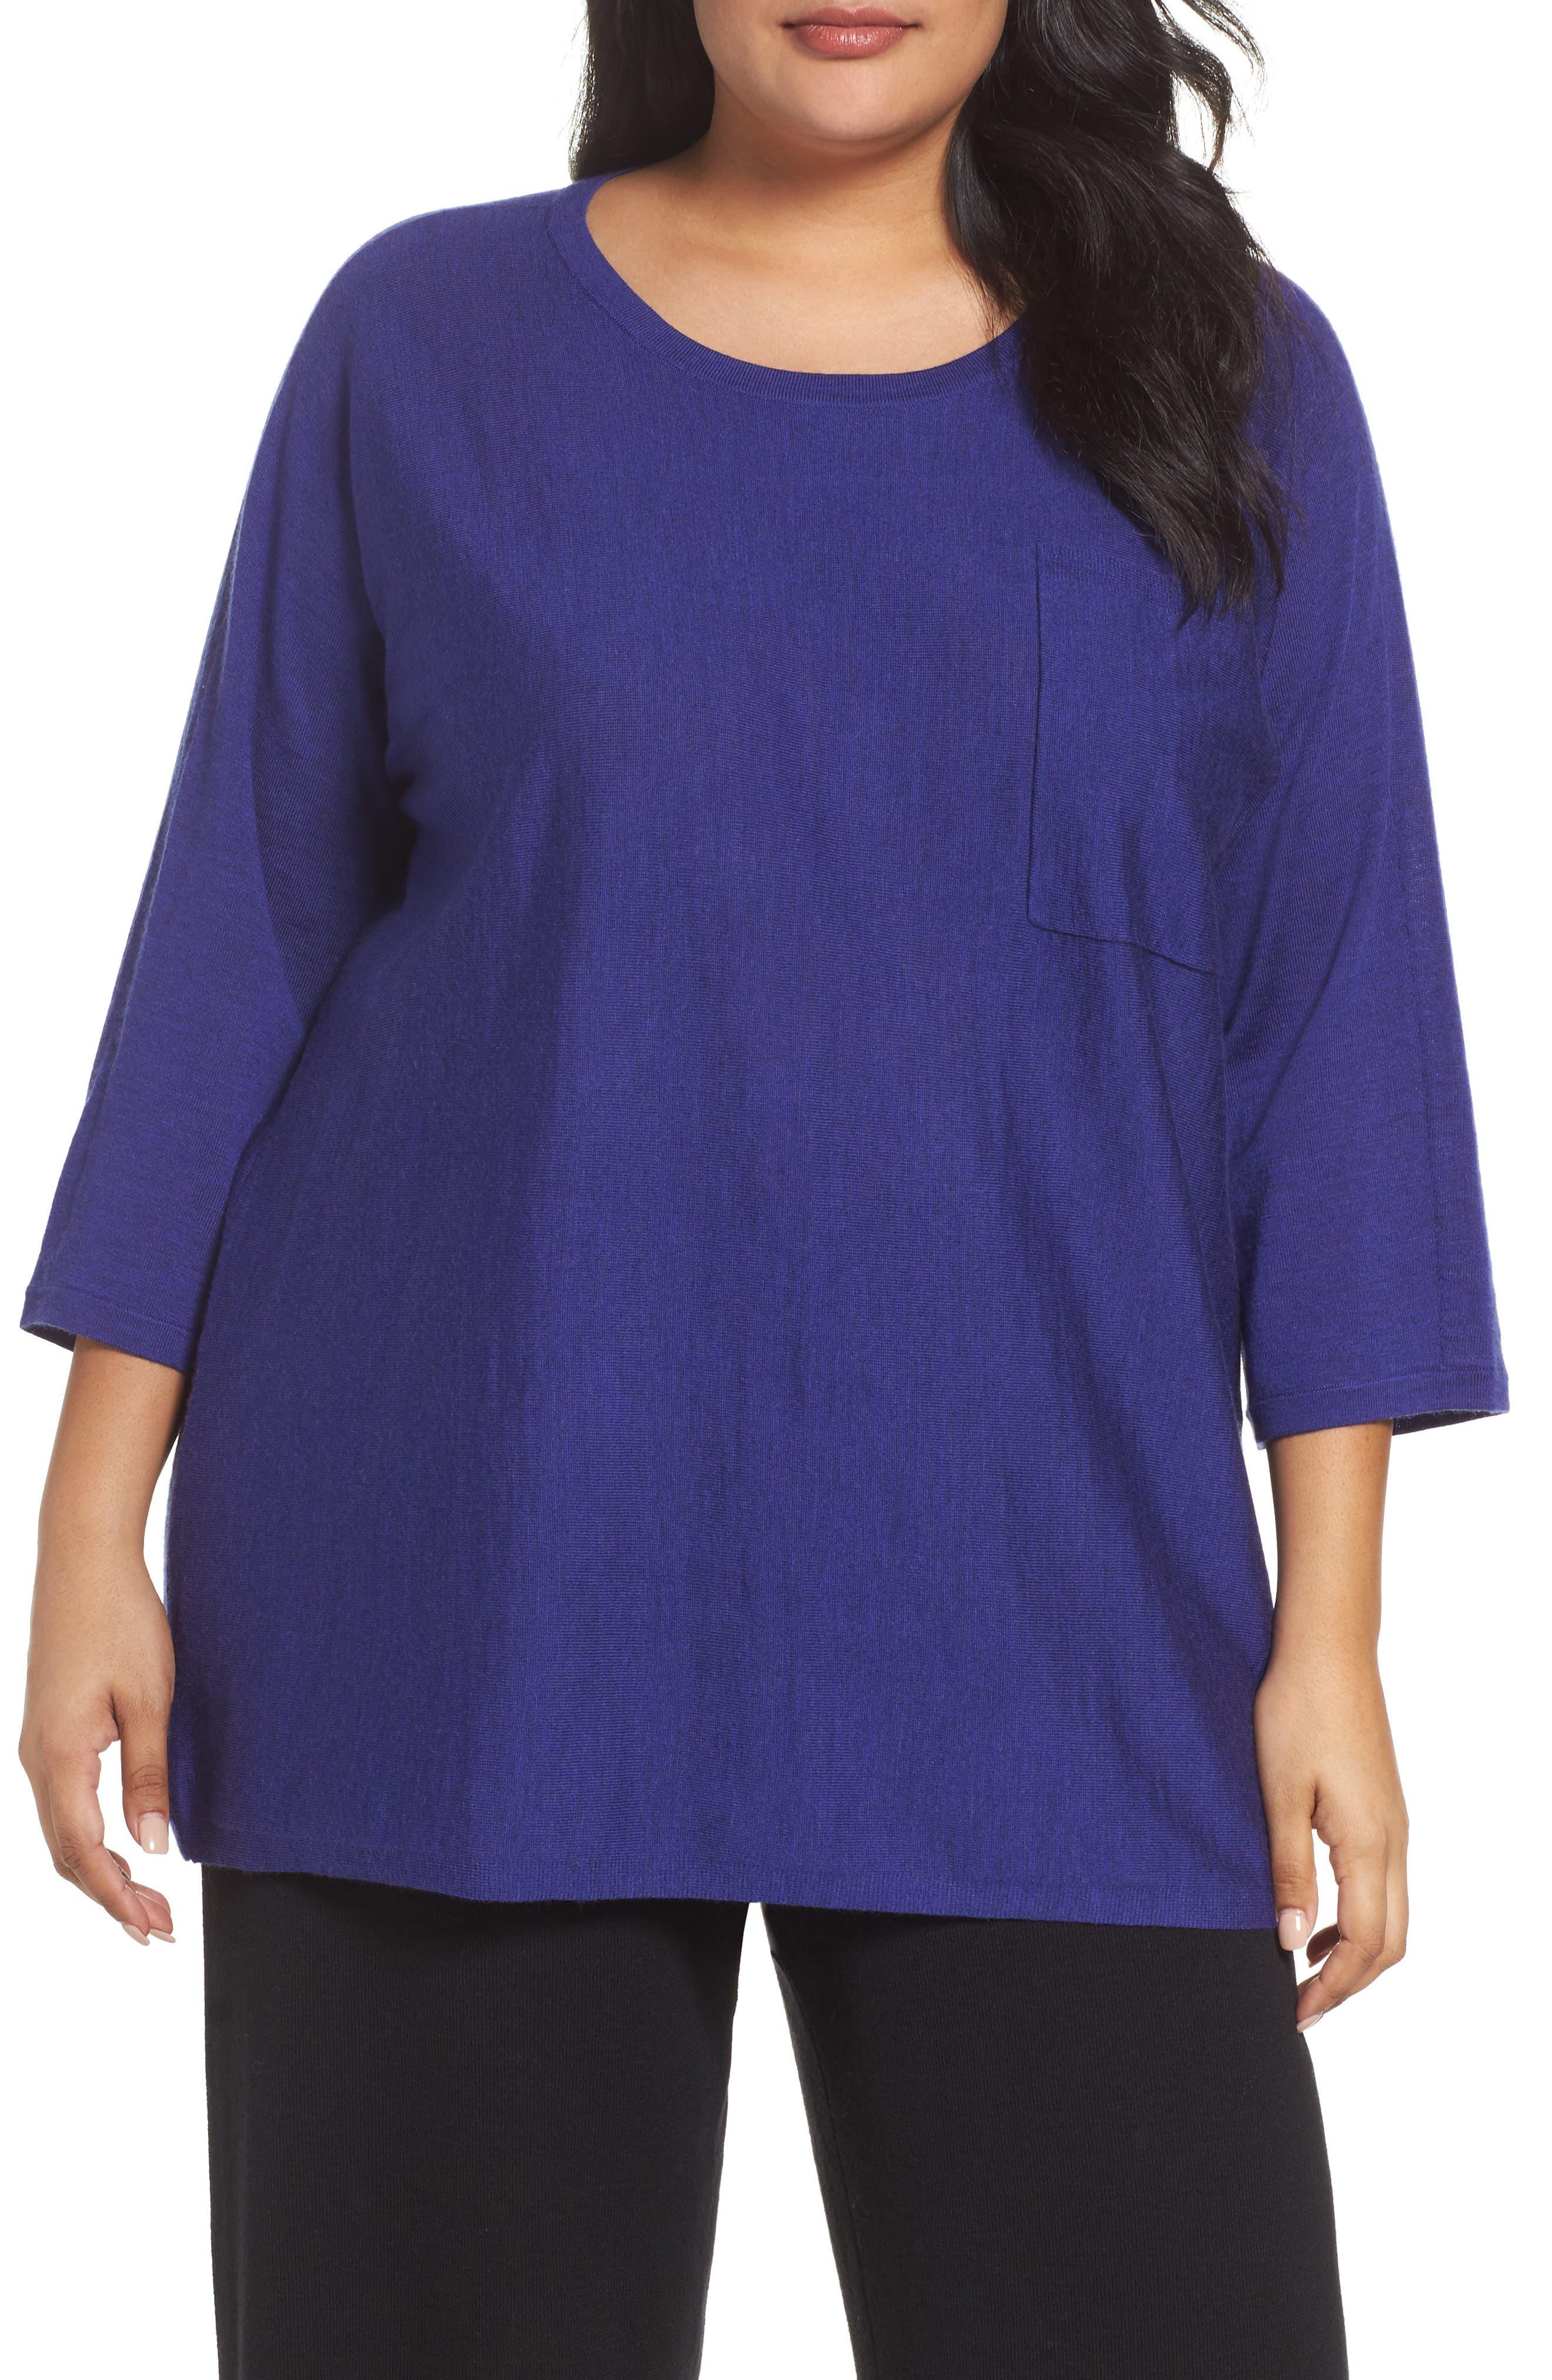 Main Image - Eileen Fisher Round Neck Merino Sweater (Plus Size)